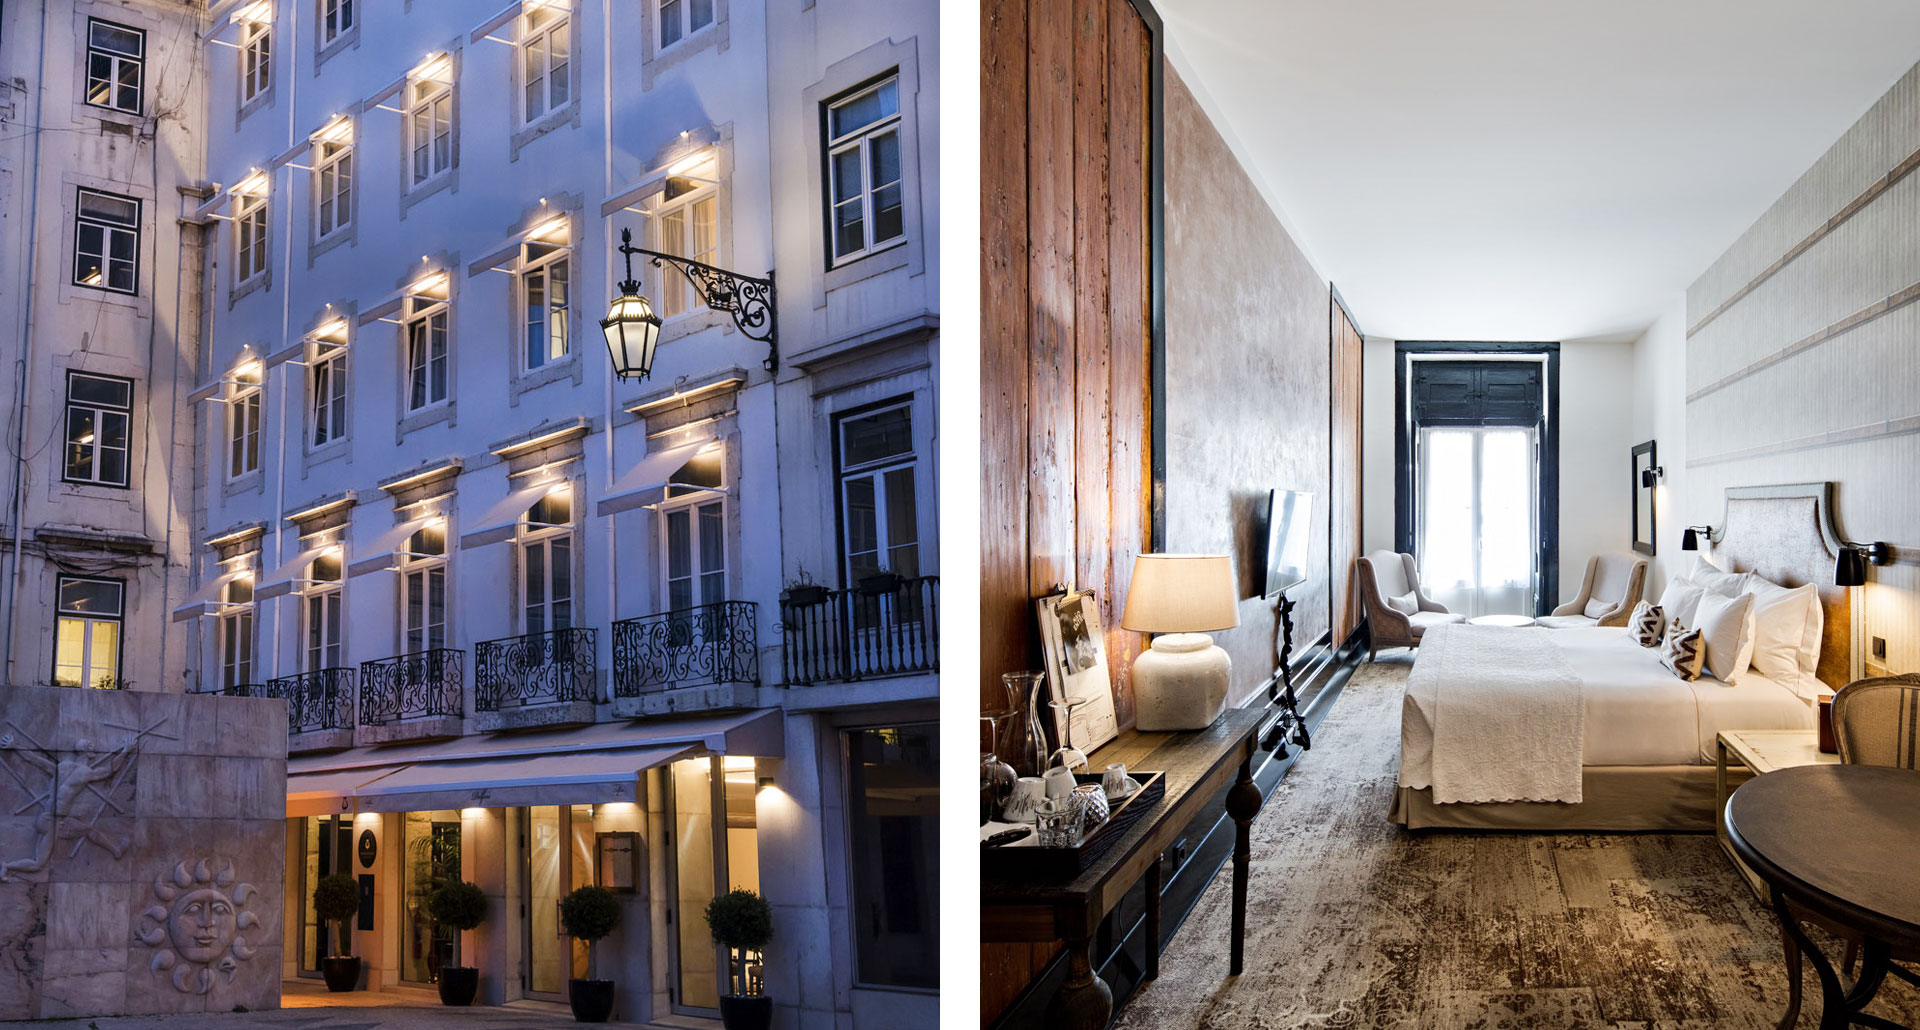 AlmaLusa Baixa/Chiado - boutique hotel in Lisbon